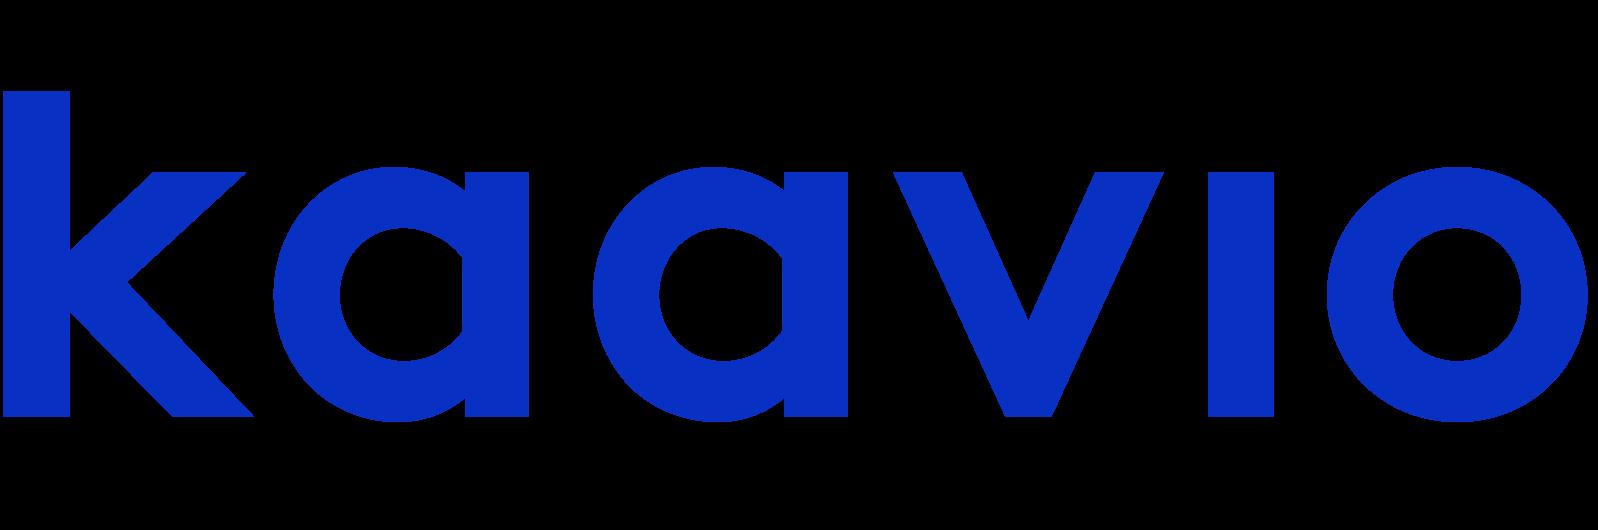 kaavio_logo_blue_signature.png